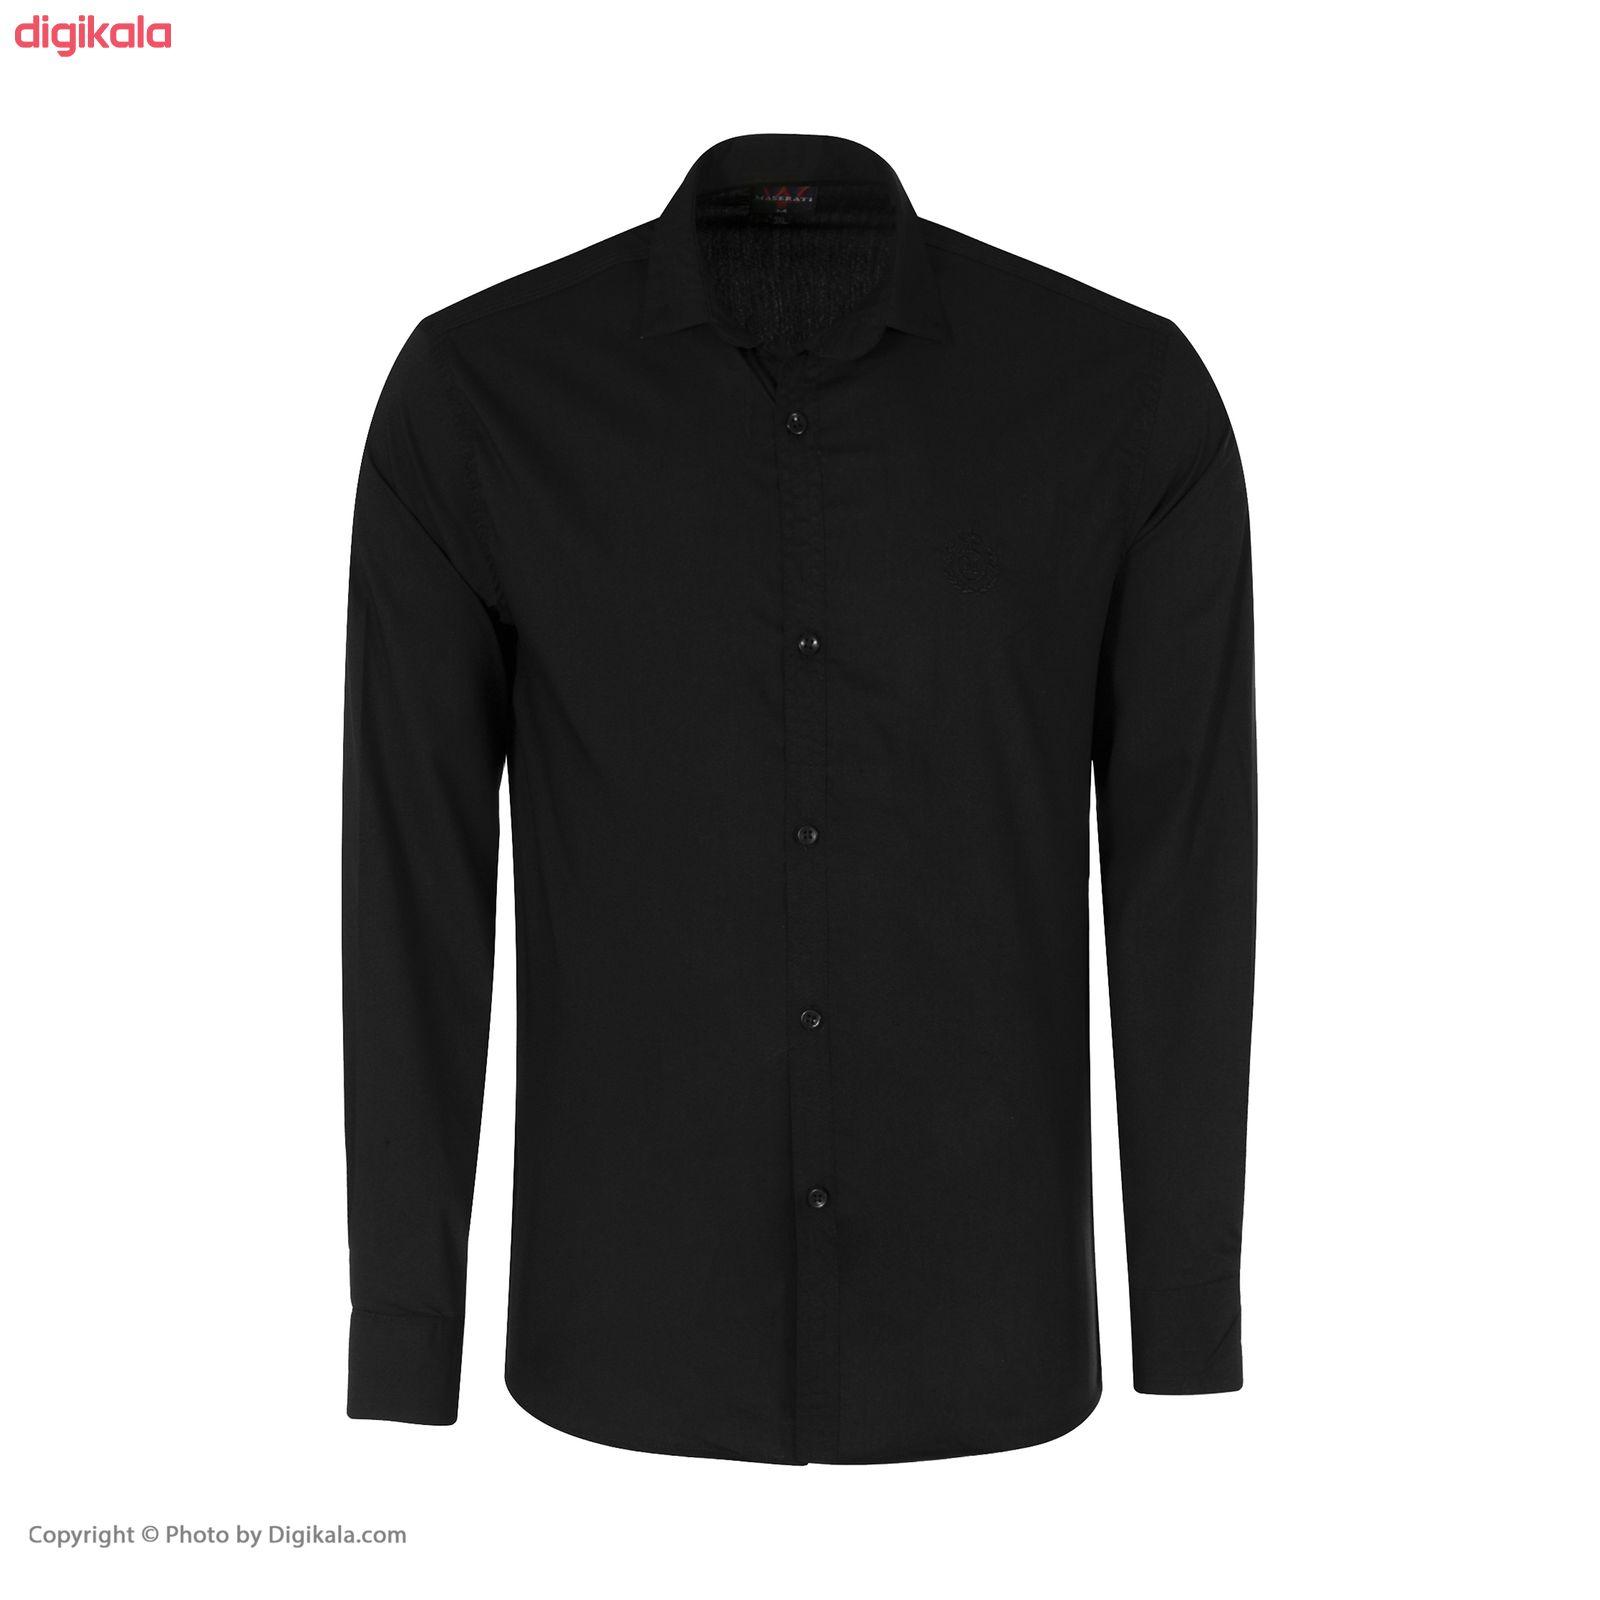 پیراهن مردانه مدل PVLF-B-M-9903 رنگ مشکی main 1 1